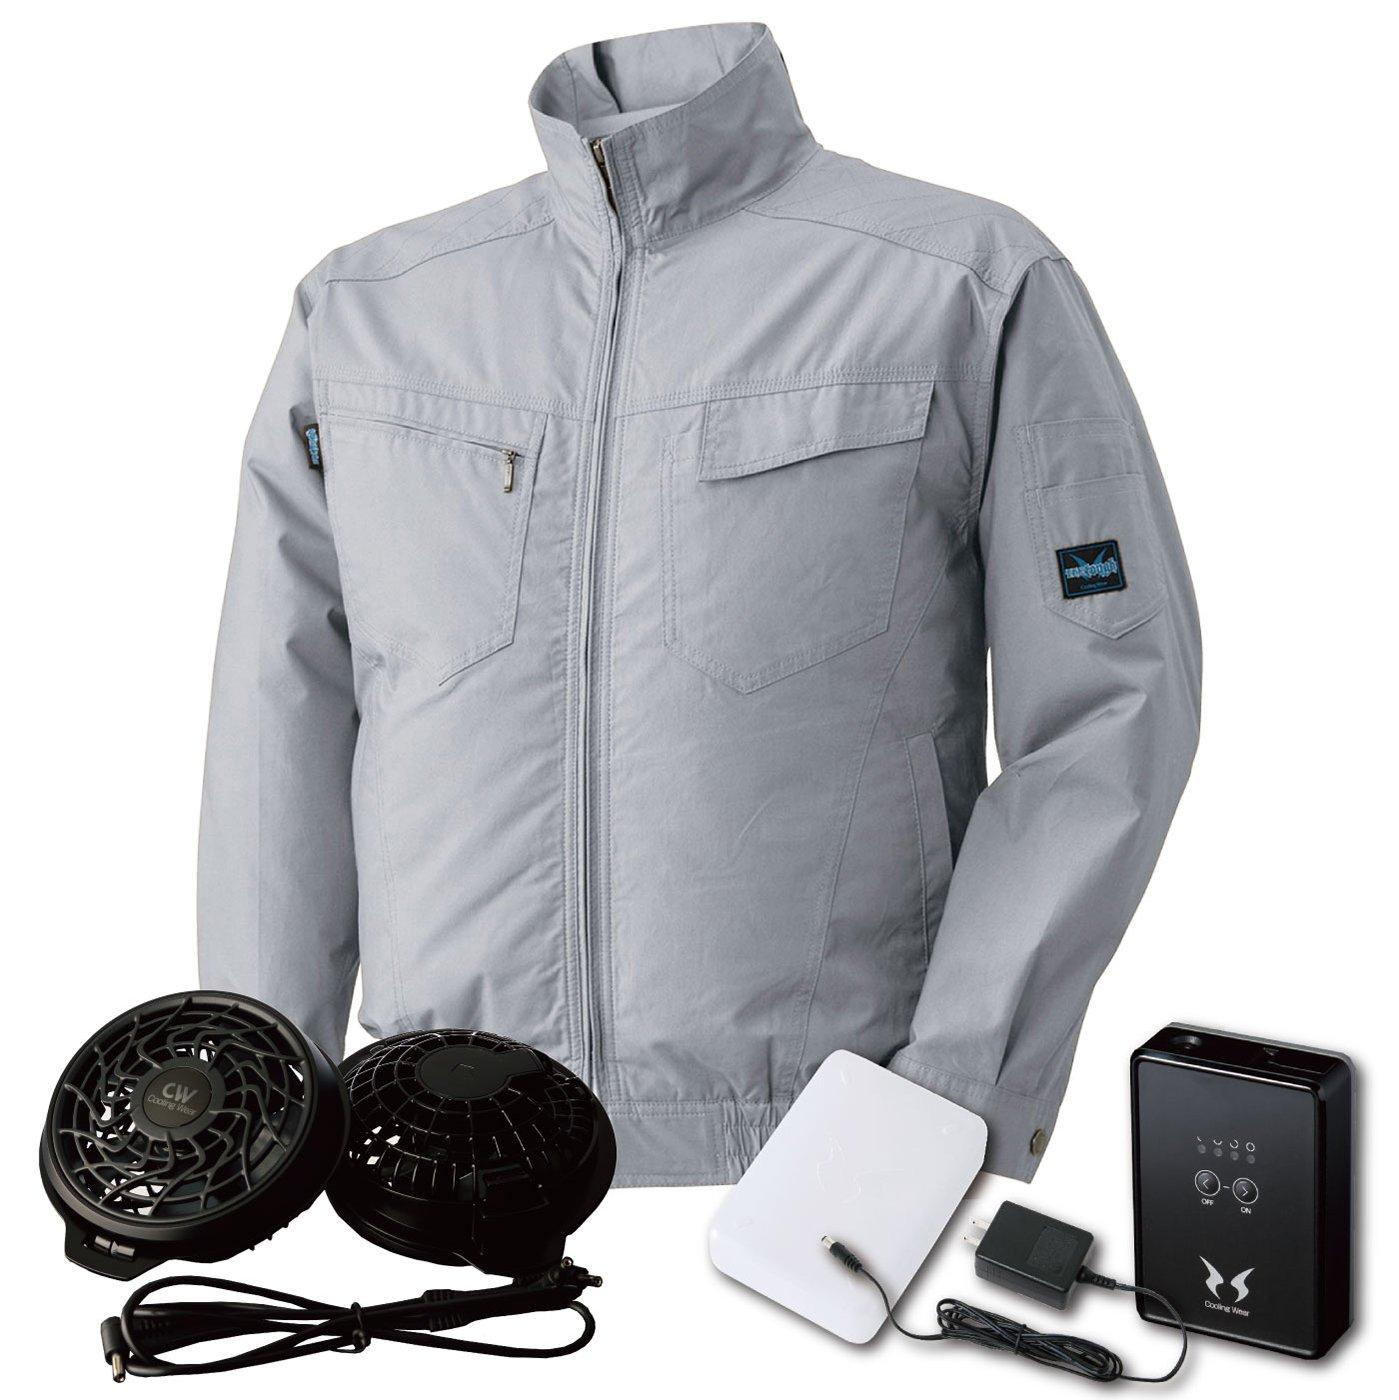 ATACK BASE(アタックベース) 空調風神服 ファン付き 長袖ブルゾン 空調服 空調服セット メンズ at-073-lx 【空調服+ファン+バッテリー】 B07CXZC25N 5L|グレー グレー 5L